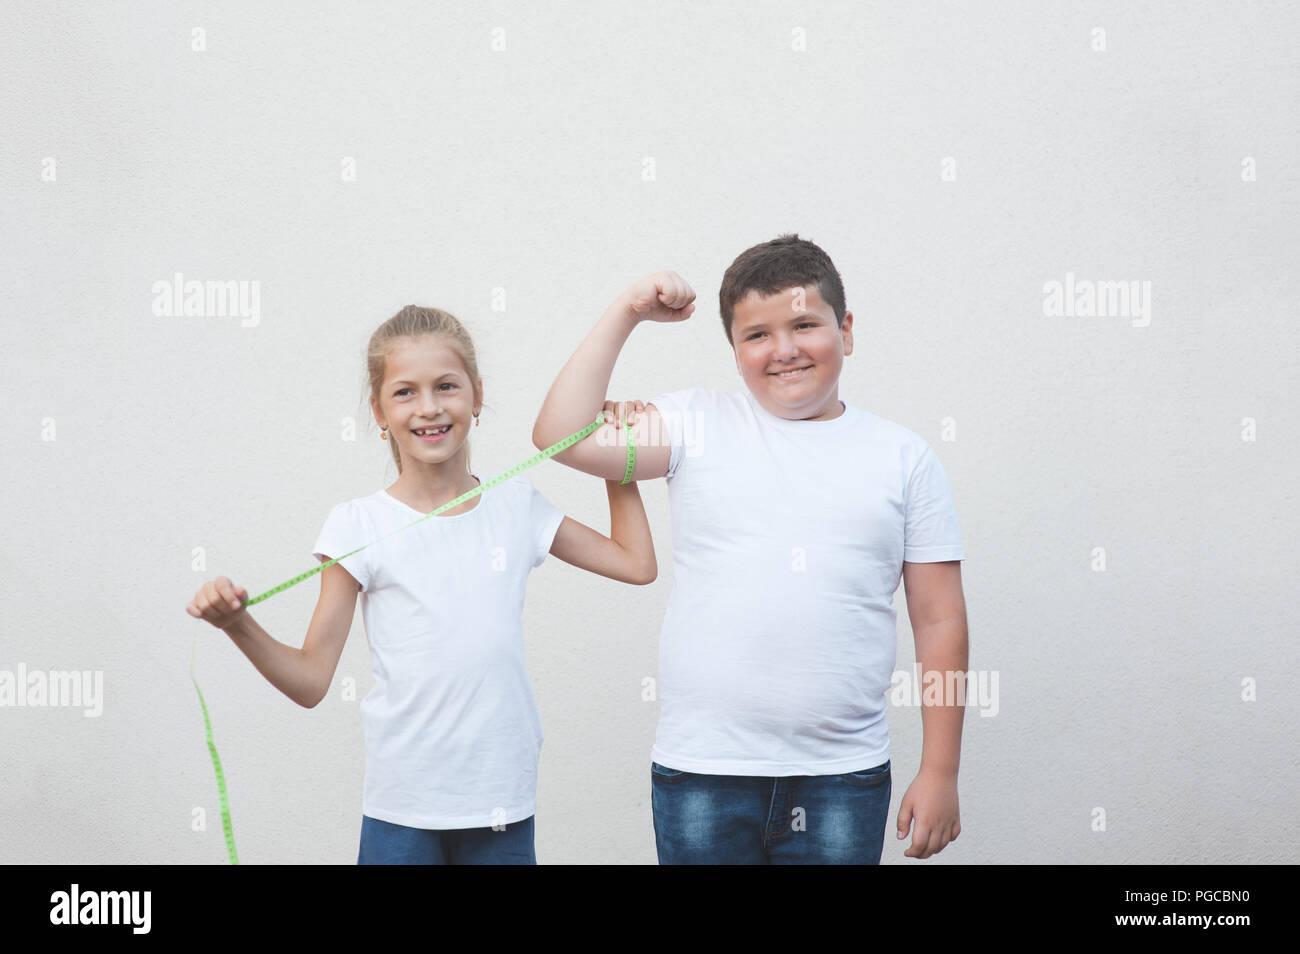 Hermosa niña caucásica slim feliz Medición de espesor cute boy gran músculo con cinta adhesiva. Imagen De Stock